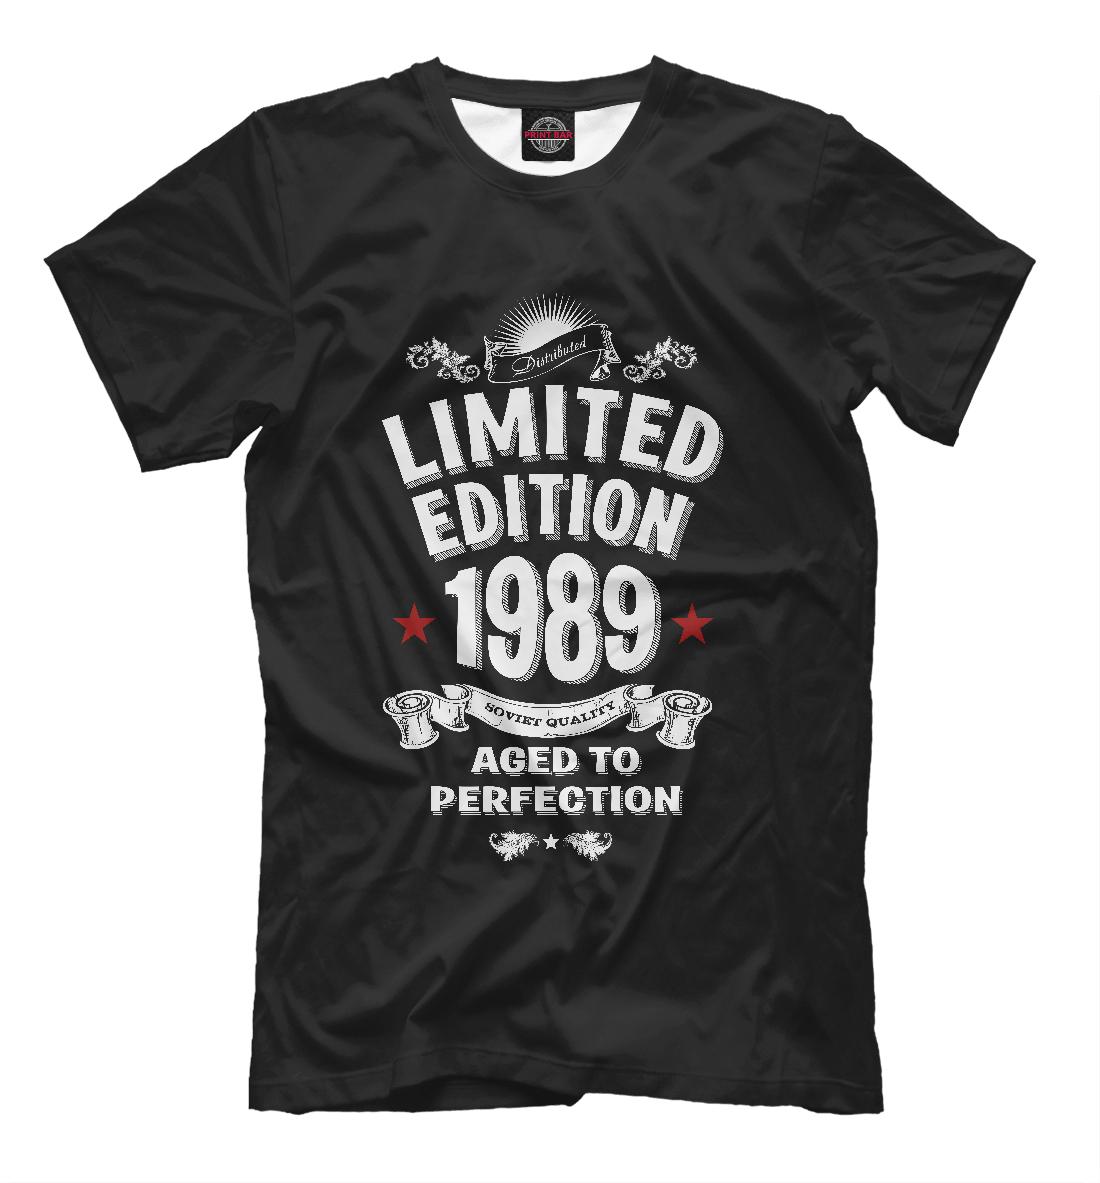 Купить Ограниченная серия 1989, Printbar, Футболки, DVA-131789-fut-2